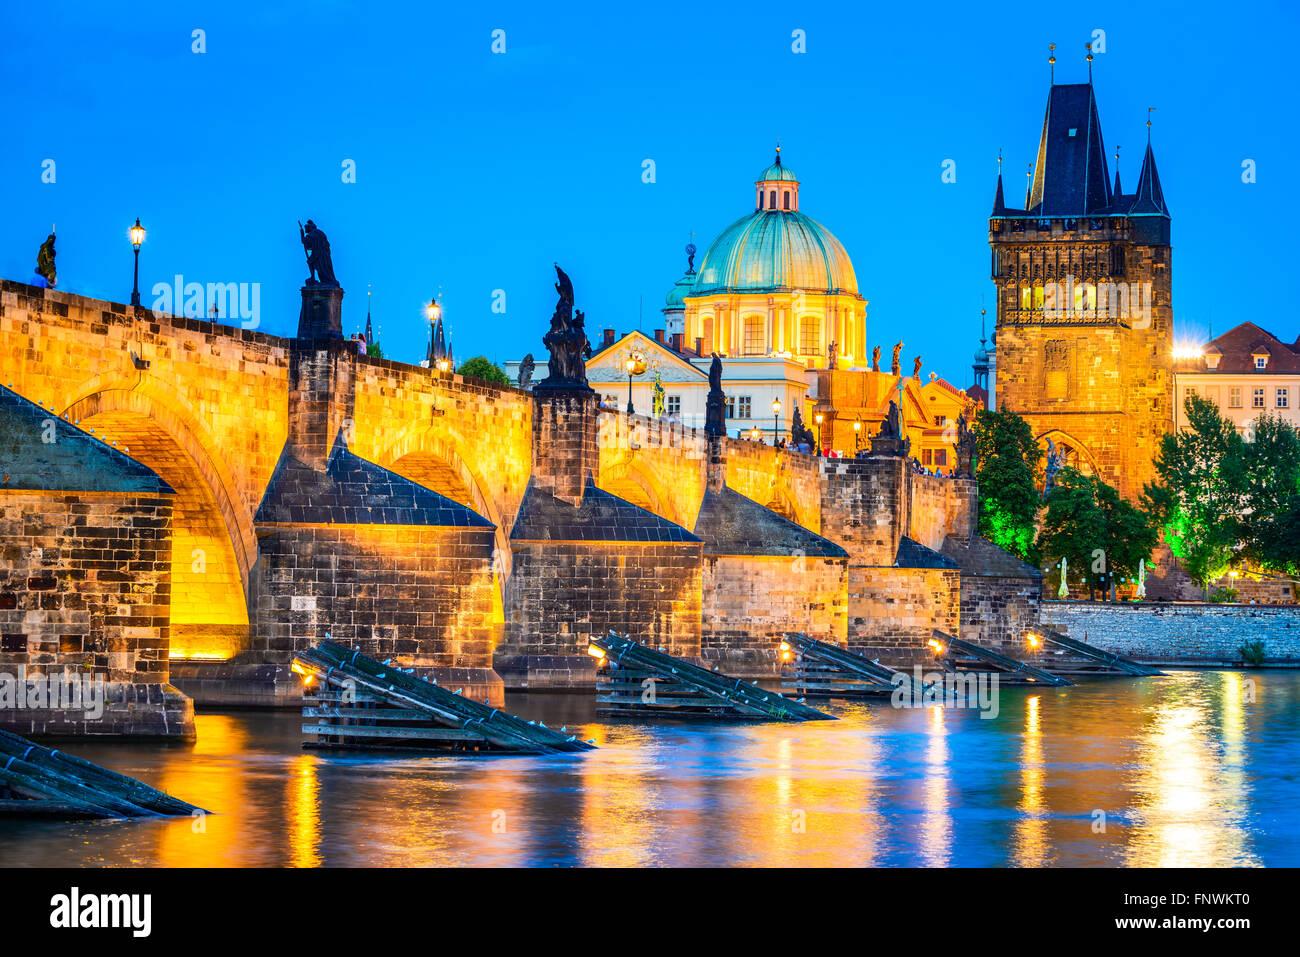 Praga, República Checa. Vista nocturna con el río Vltava, el Puente Charles y Stare Mesto ciudad vieja Imagen De Stock